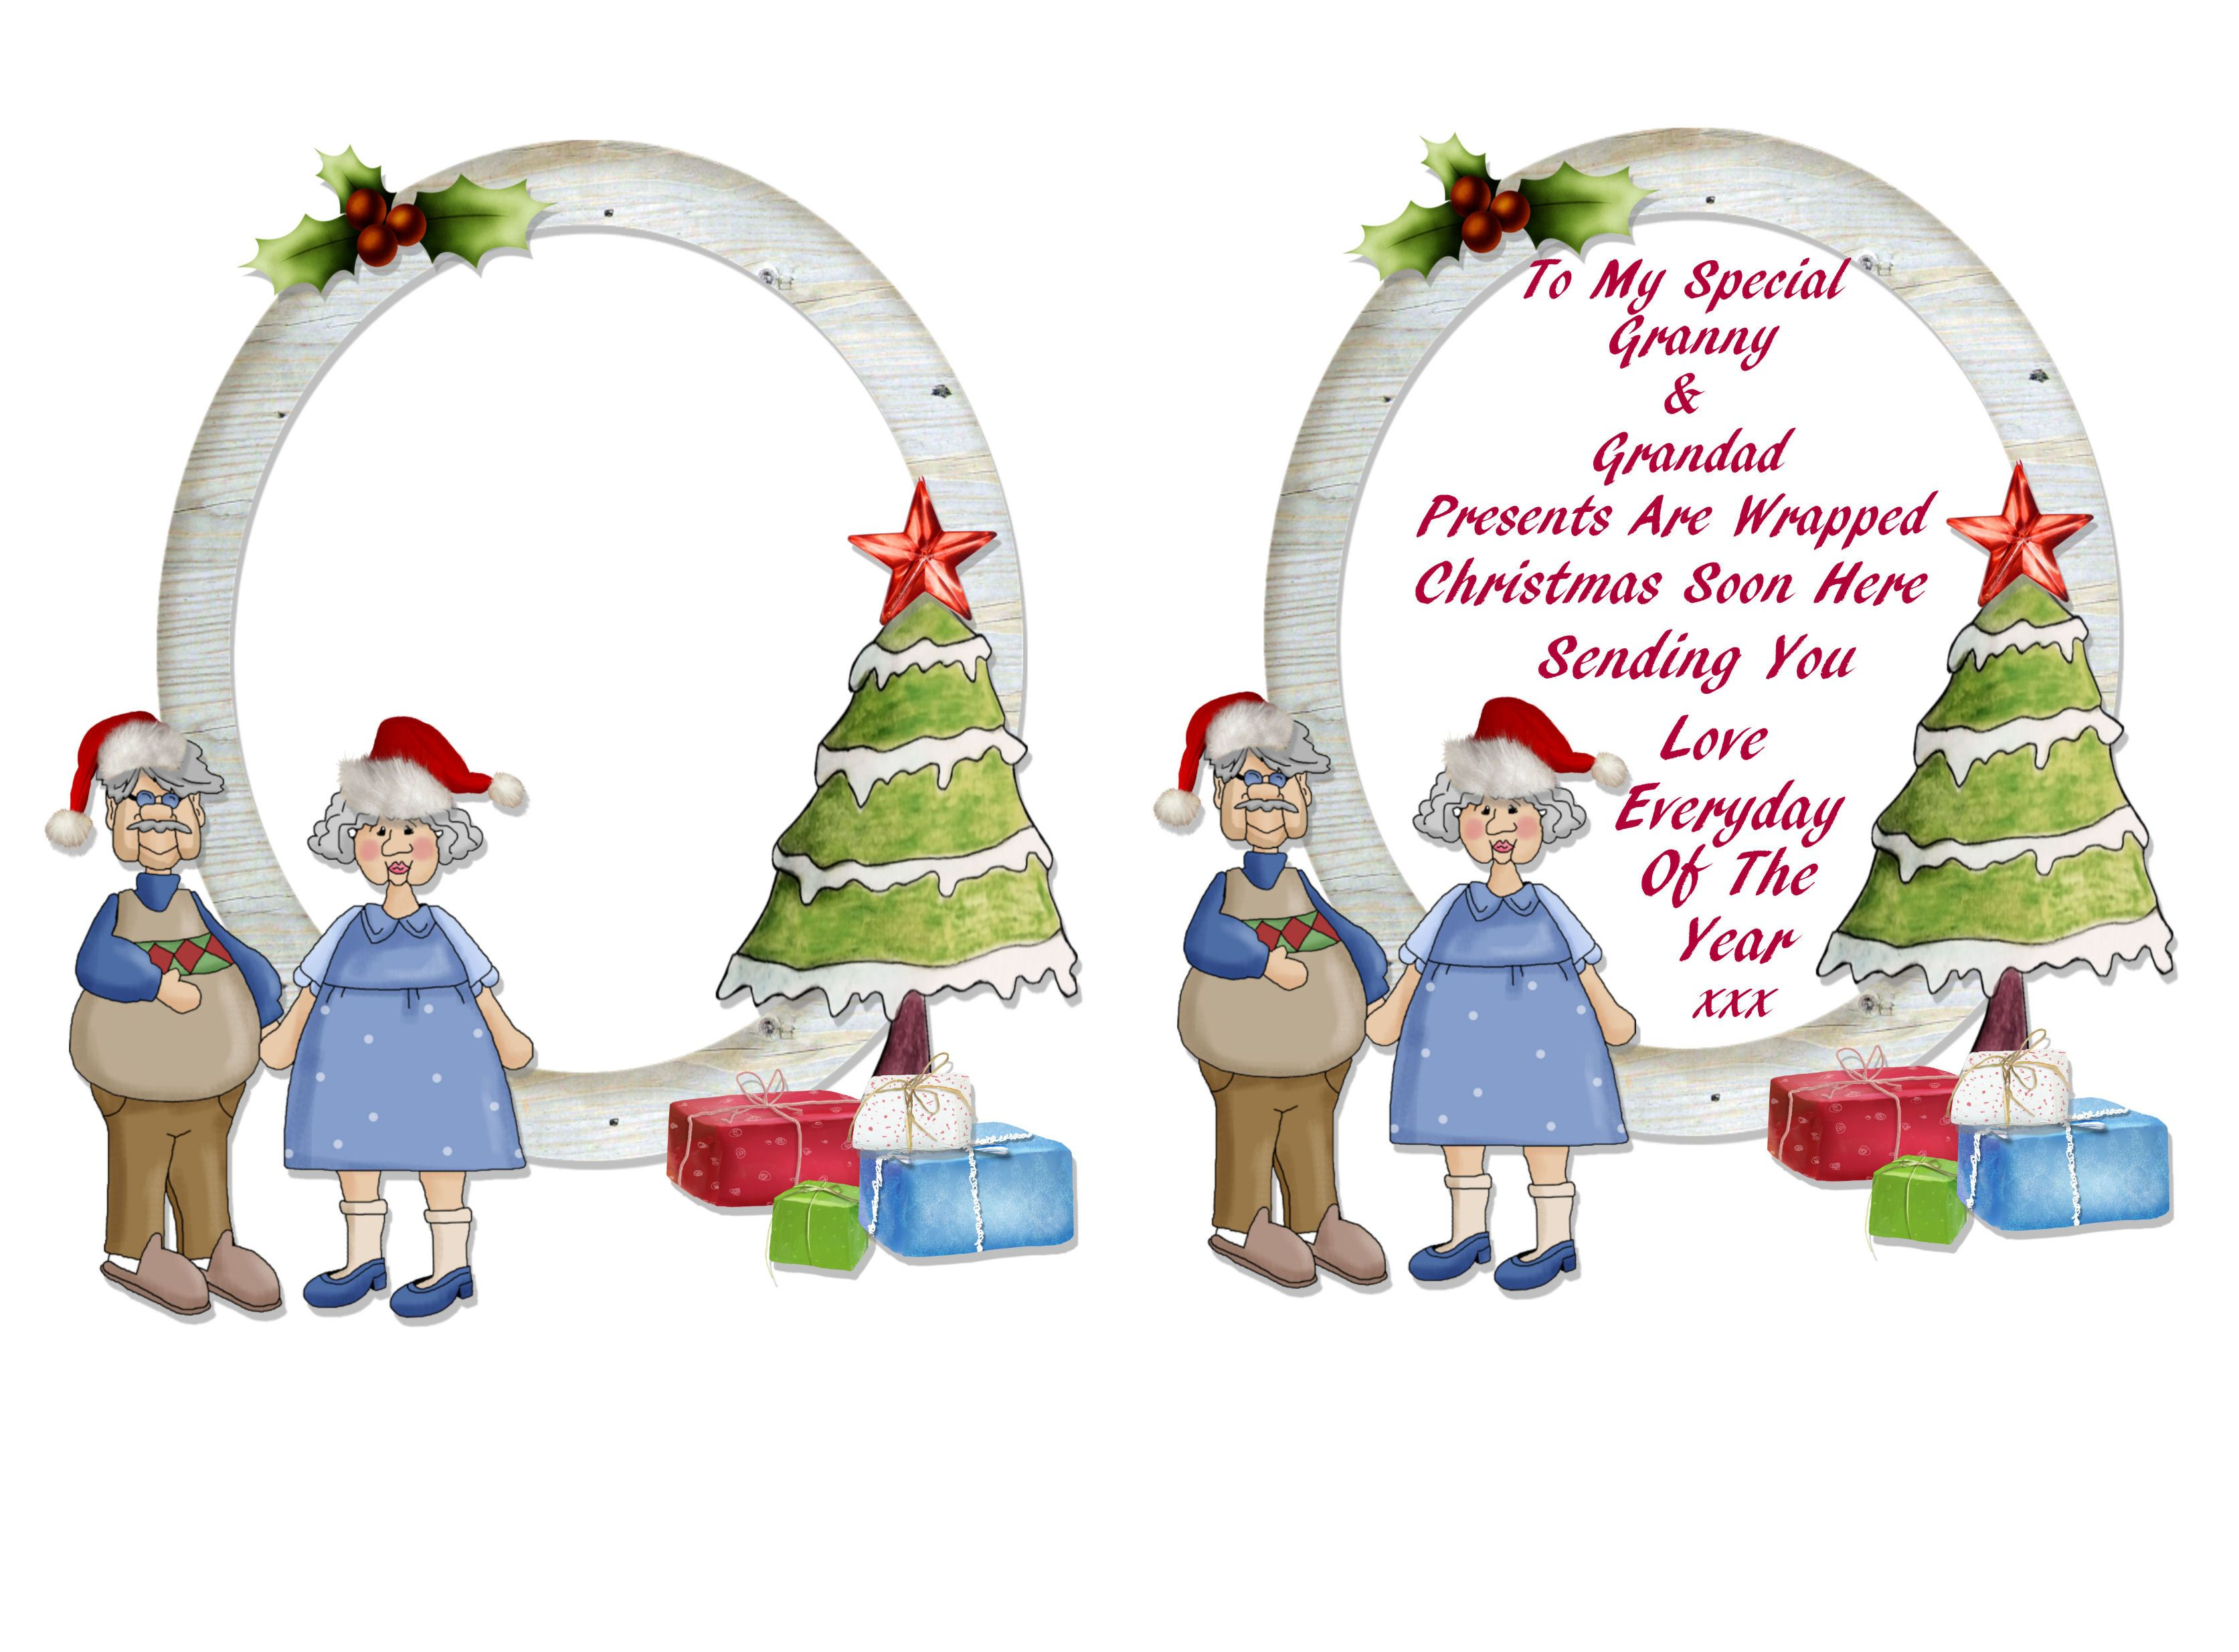 Free Printable Christmas Cards Moments Christmas Freebie Printable Christmas Card Verses Free Printable Christmas Cards Tags Christmas Card Ver